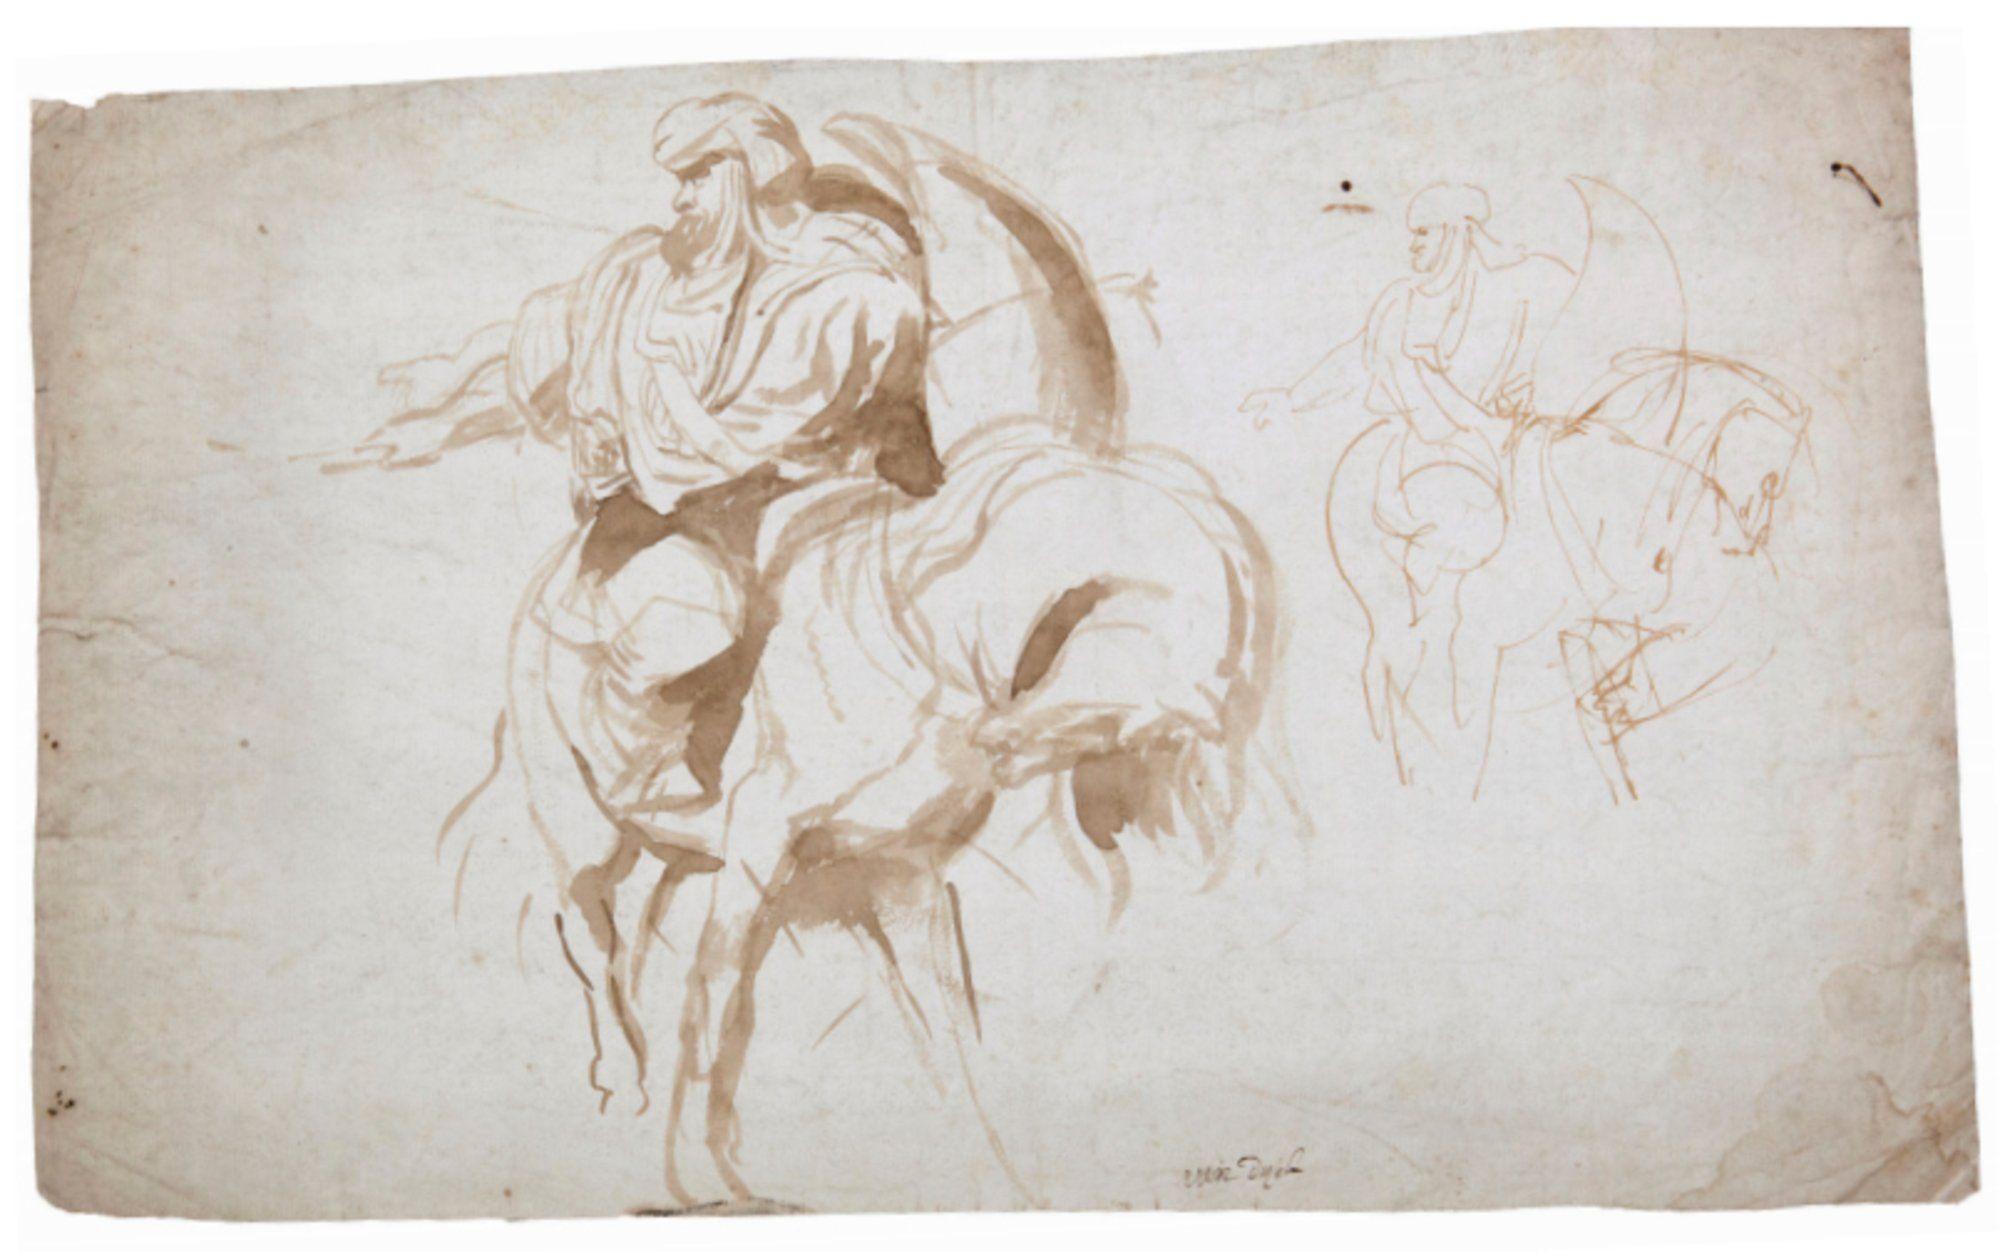 Pentekening Rubens te zien in Gent #visitgent